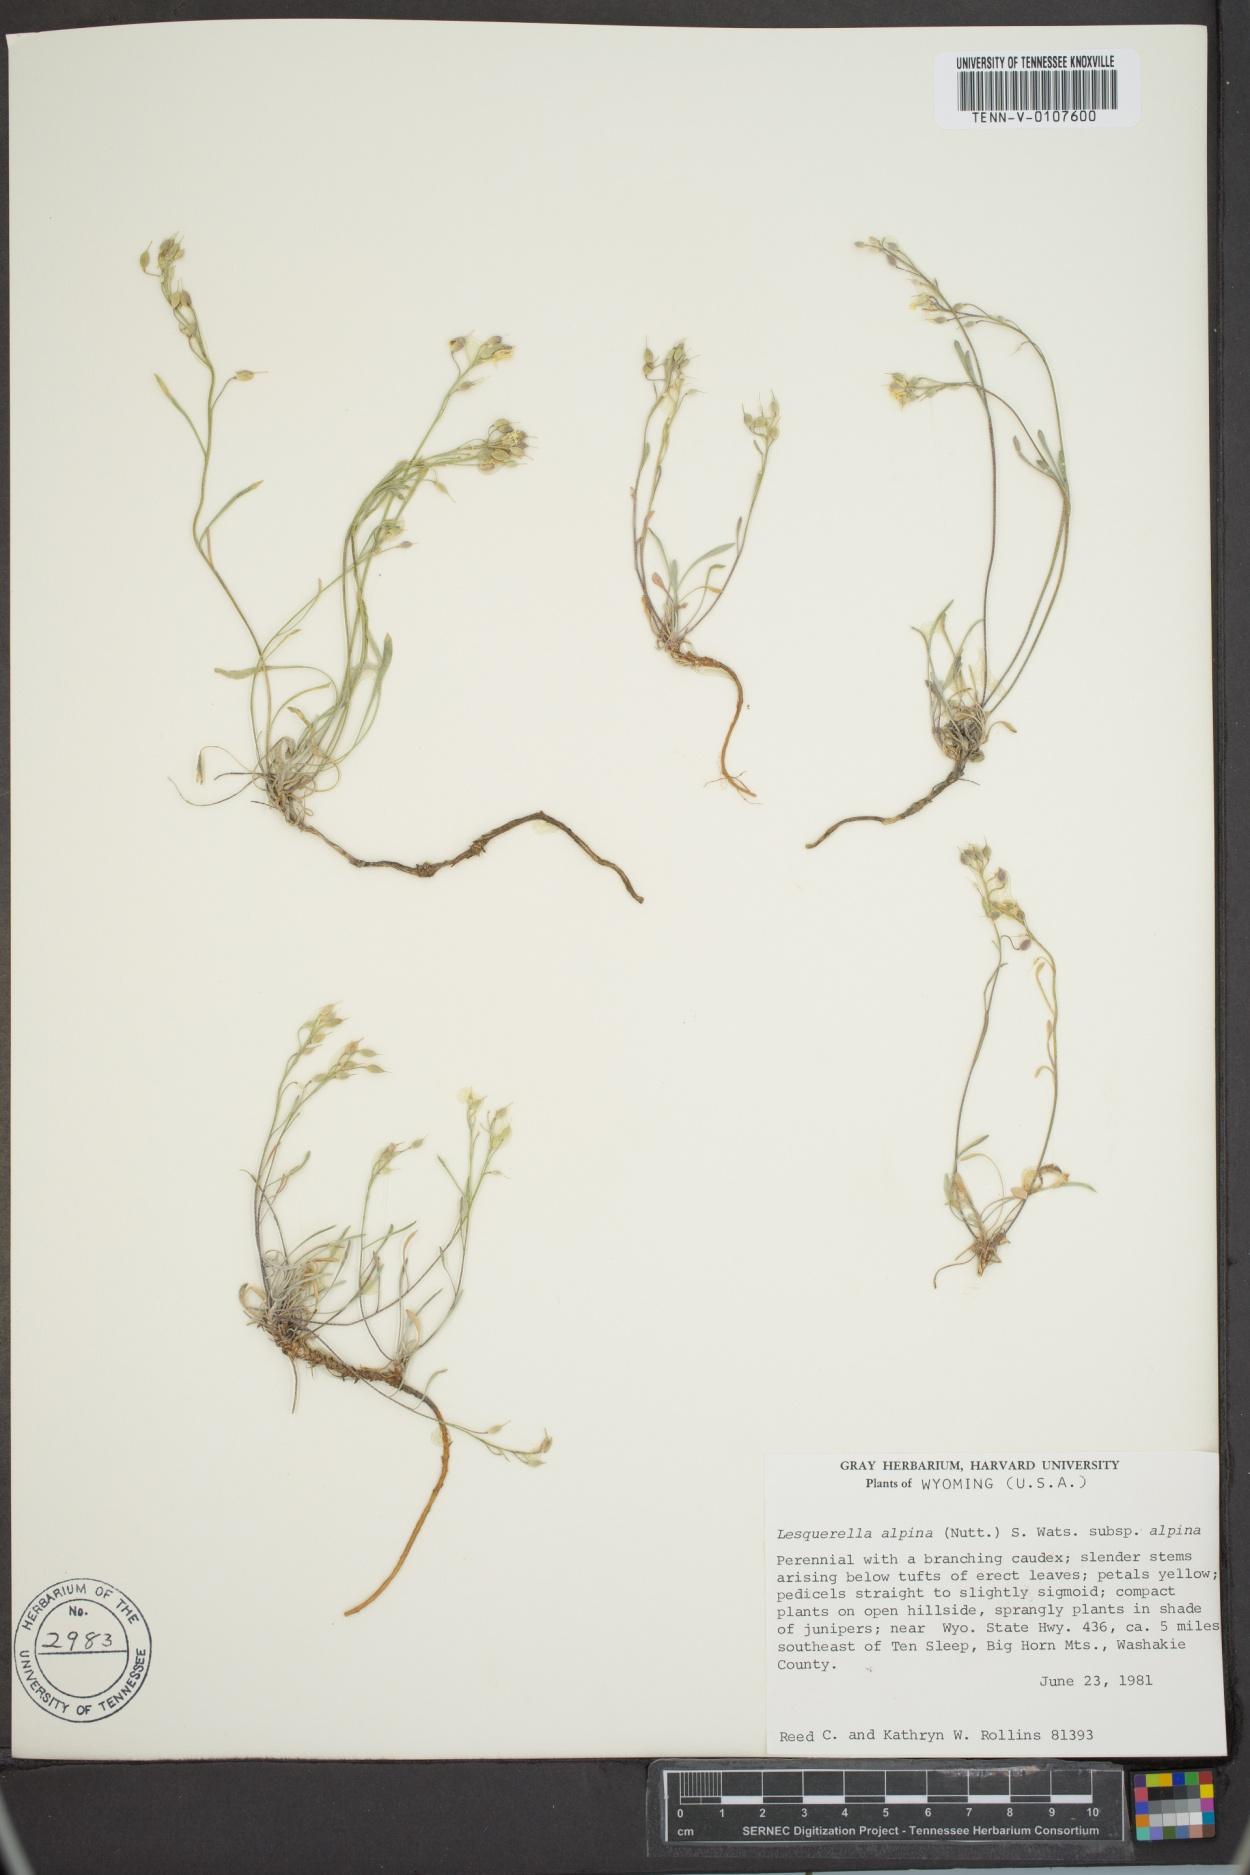 Lesquerella alpina subsp. alpina image